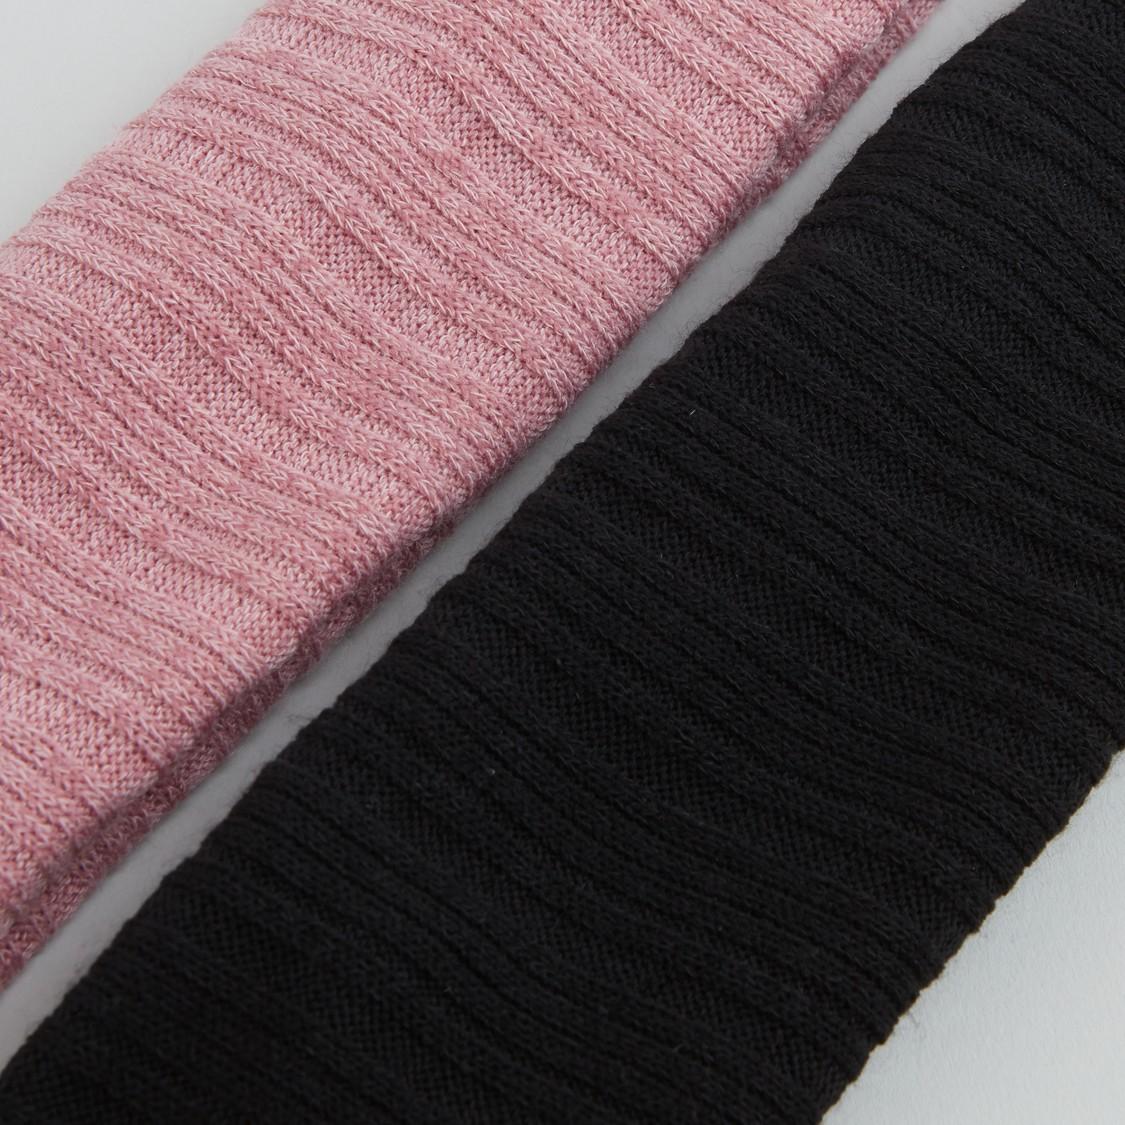 ربطة شعر بارزة الملمس - قطعتين